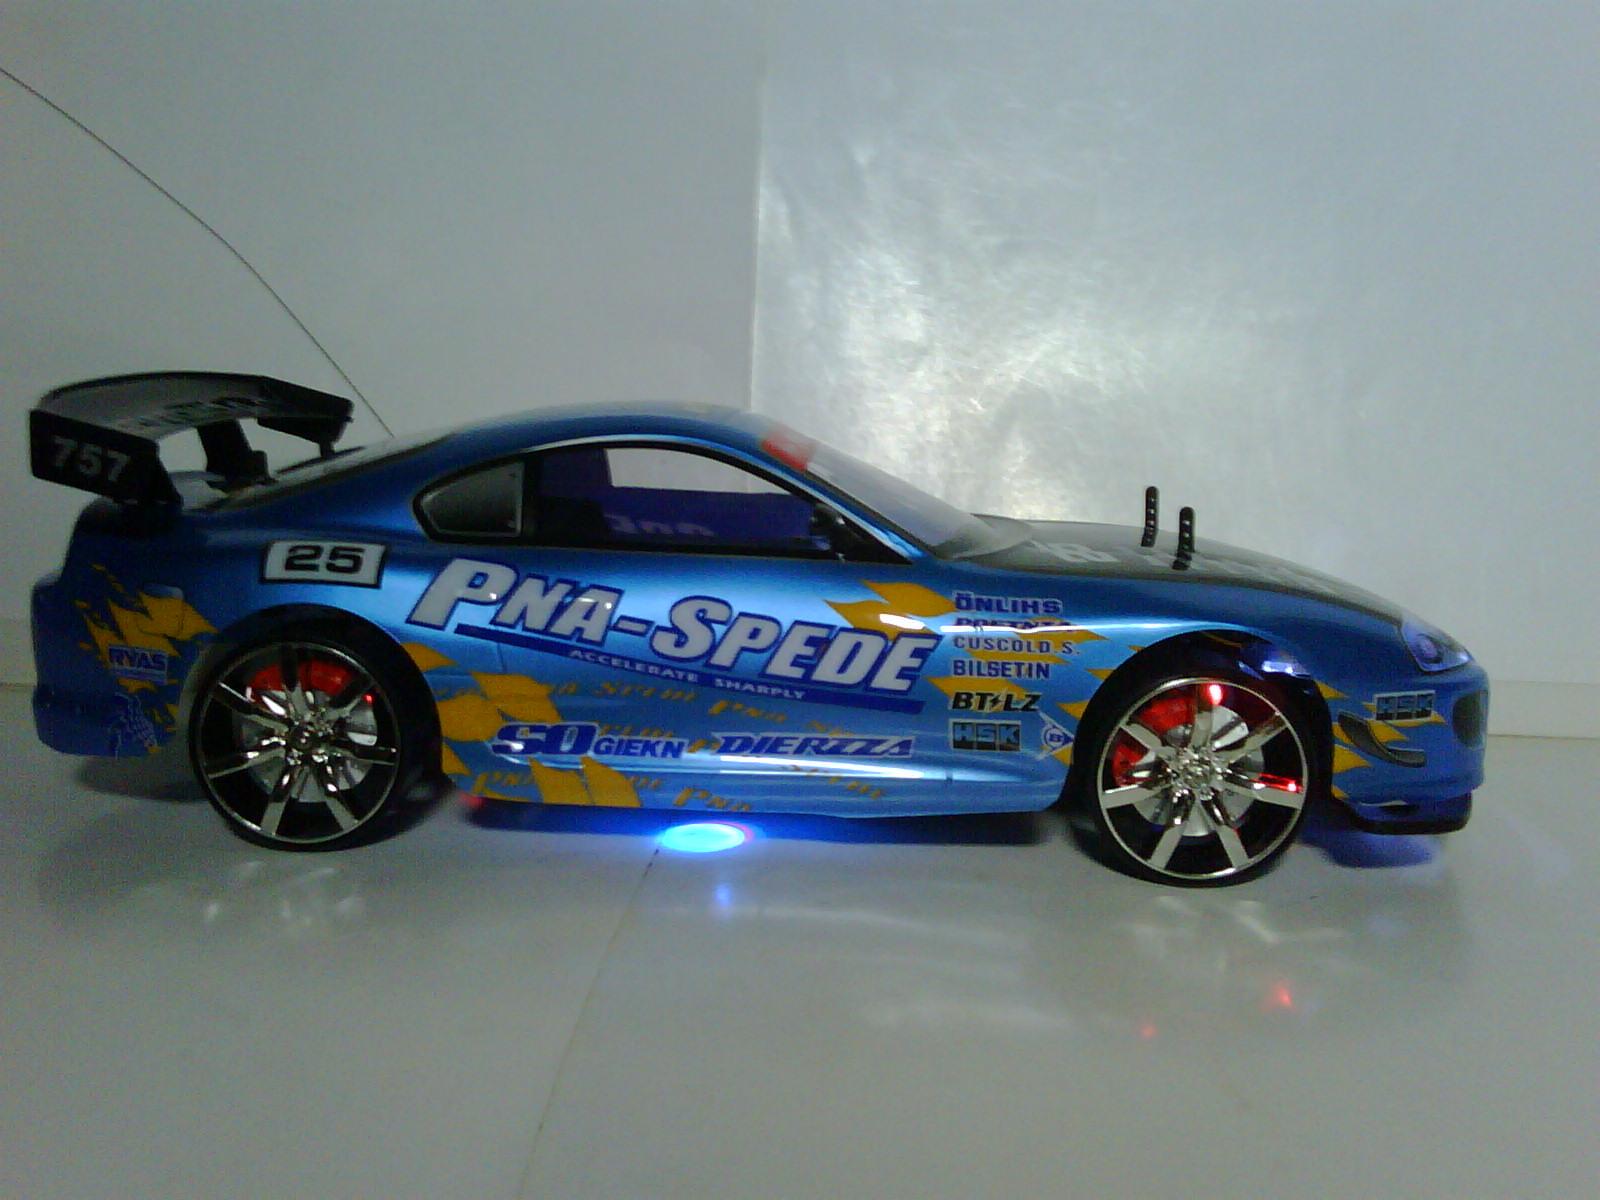 Kumpulan Modif Body Mobil Rc Terlengkap   Modifikasi Mobil ...